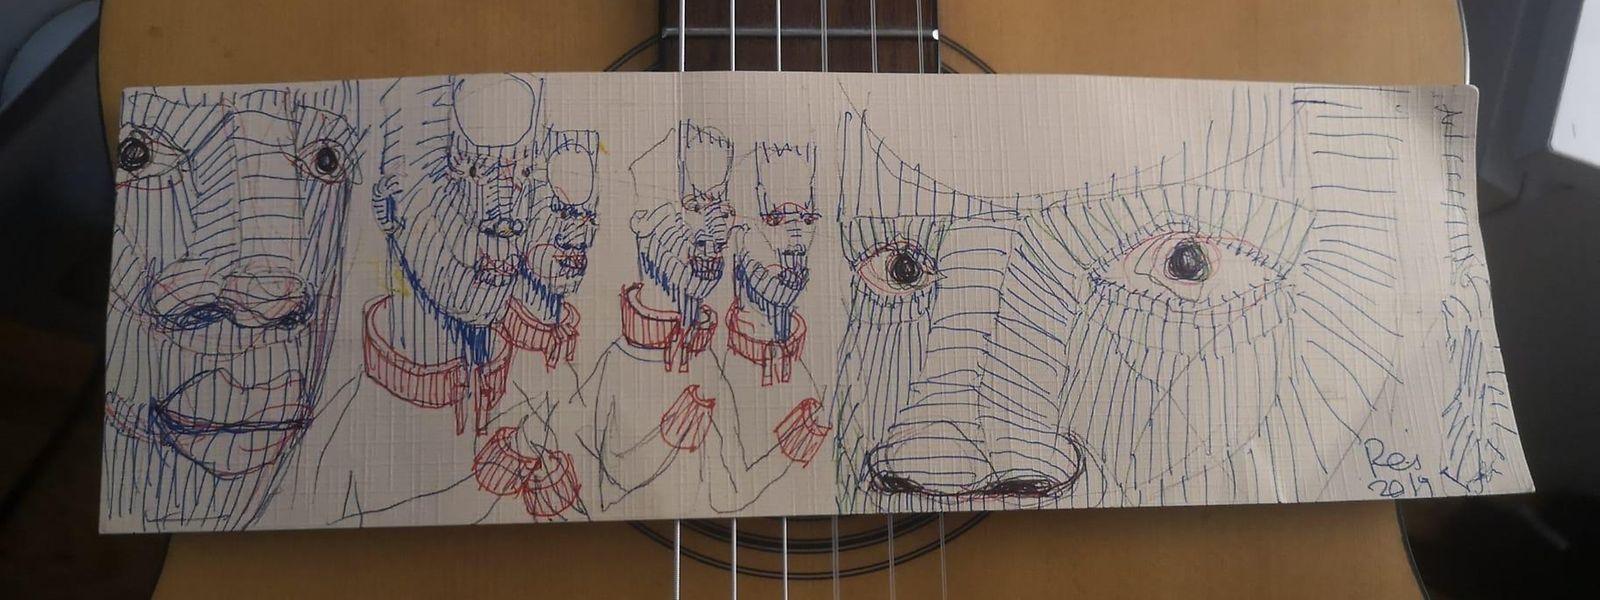 Desenho de autoria de Reinaldo Rodrigues